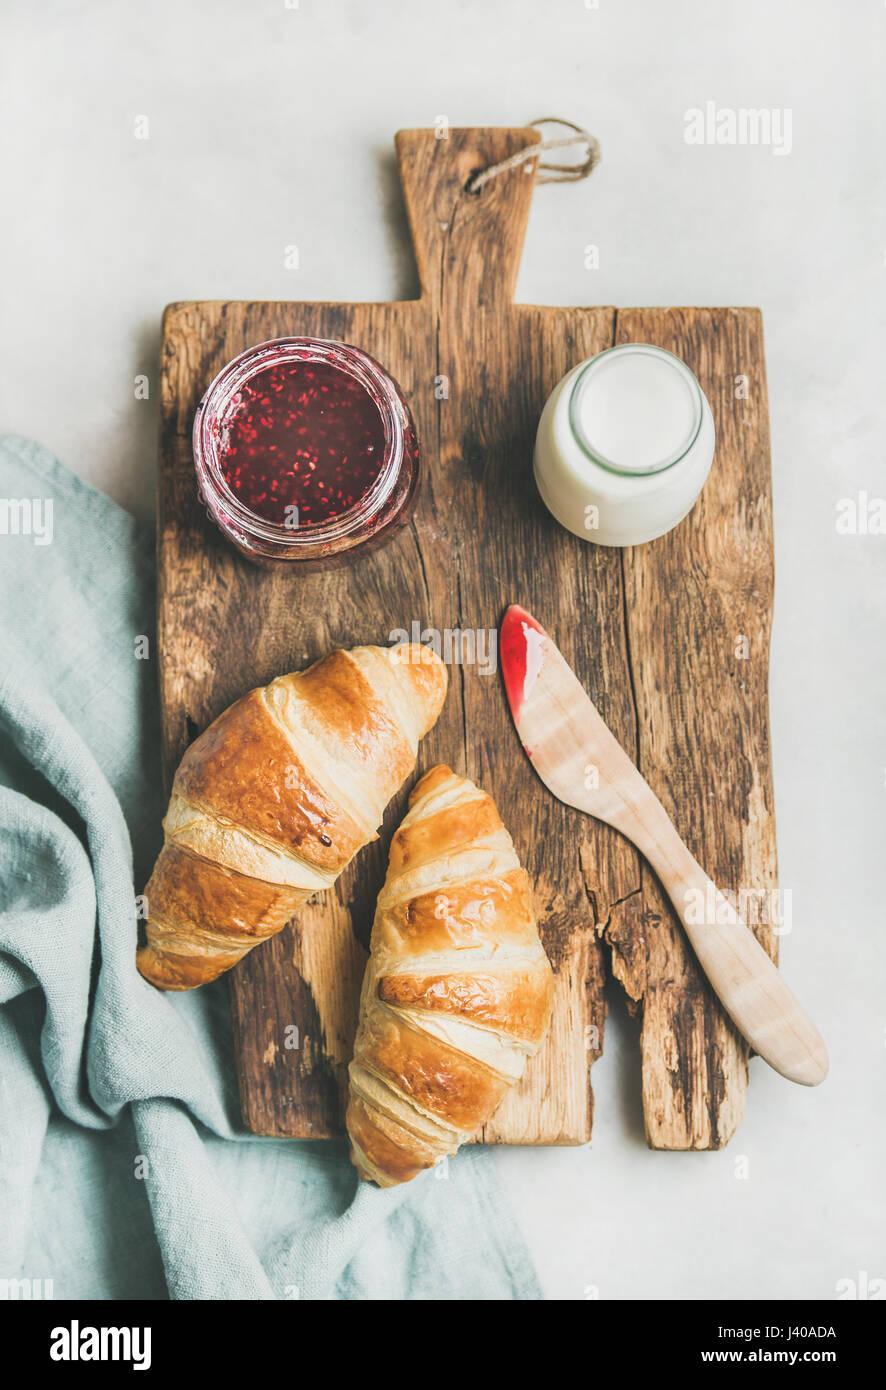 Croissant appena sfornati con confettura di lamponi e latte in bottiglia Immagini Stock